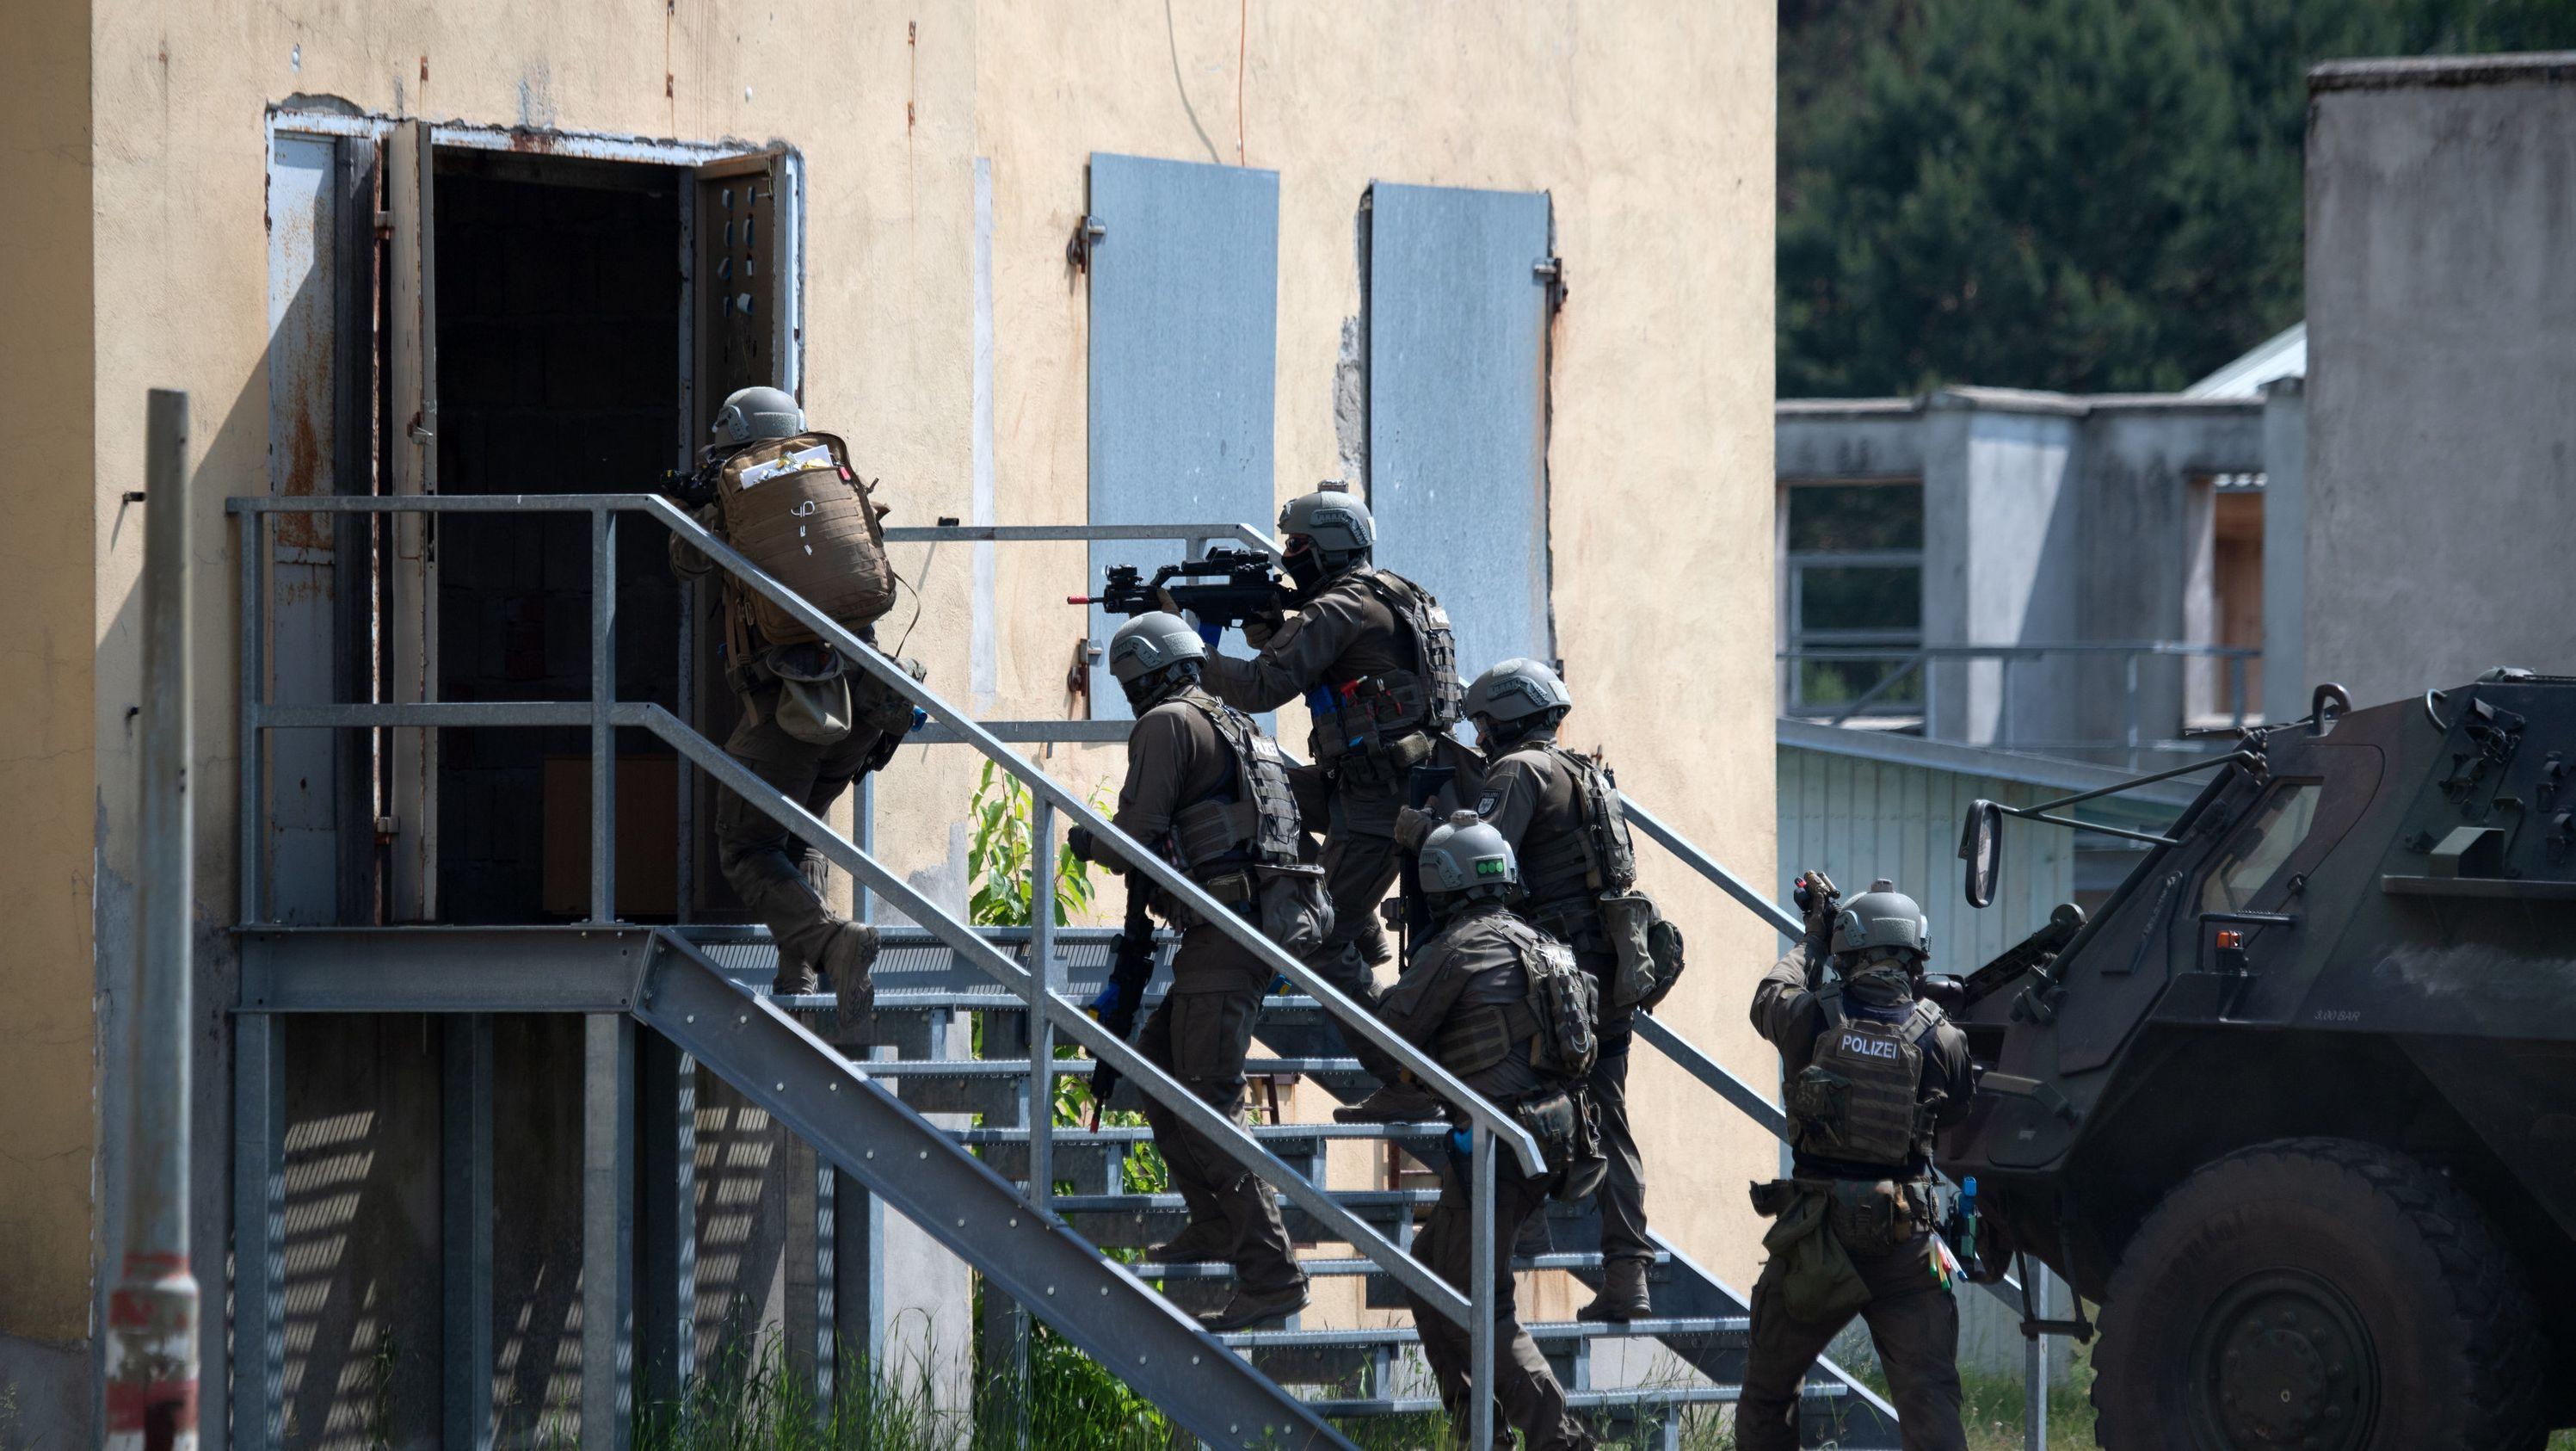 Polizisten stürmen während einer Terrorübung ein Haus.